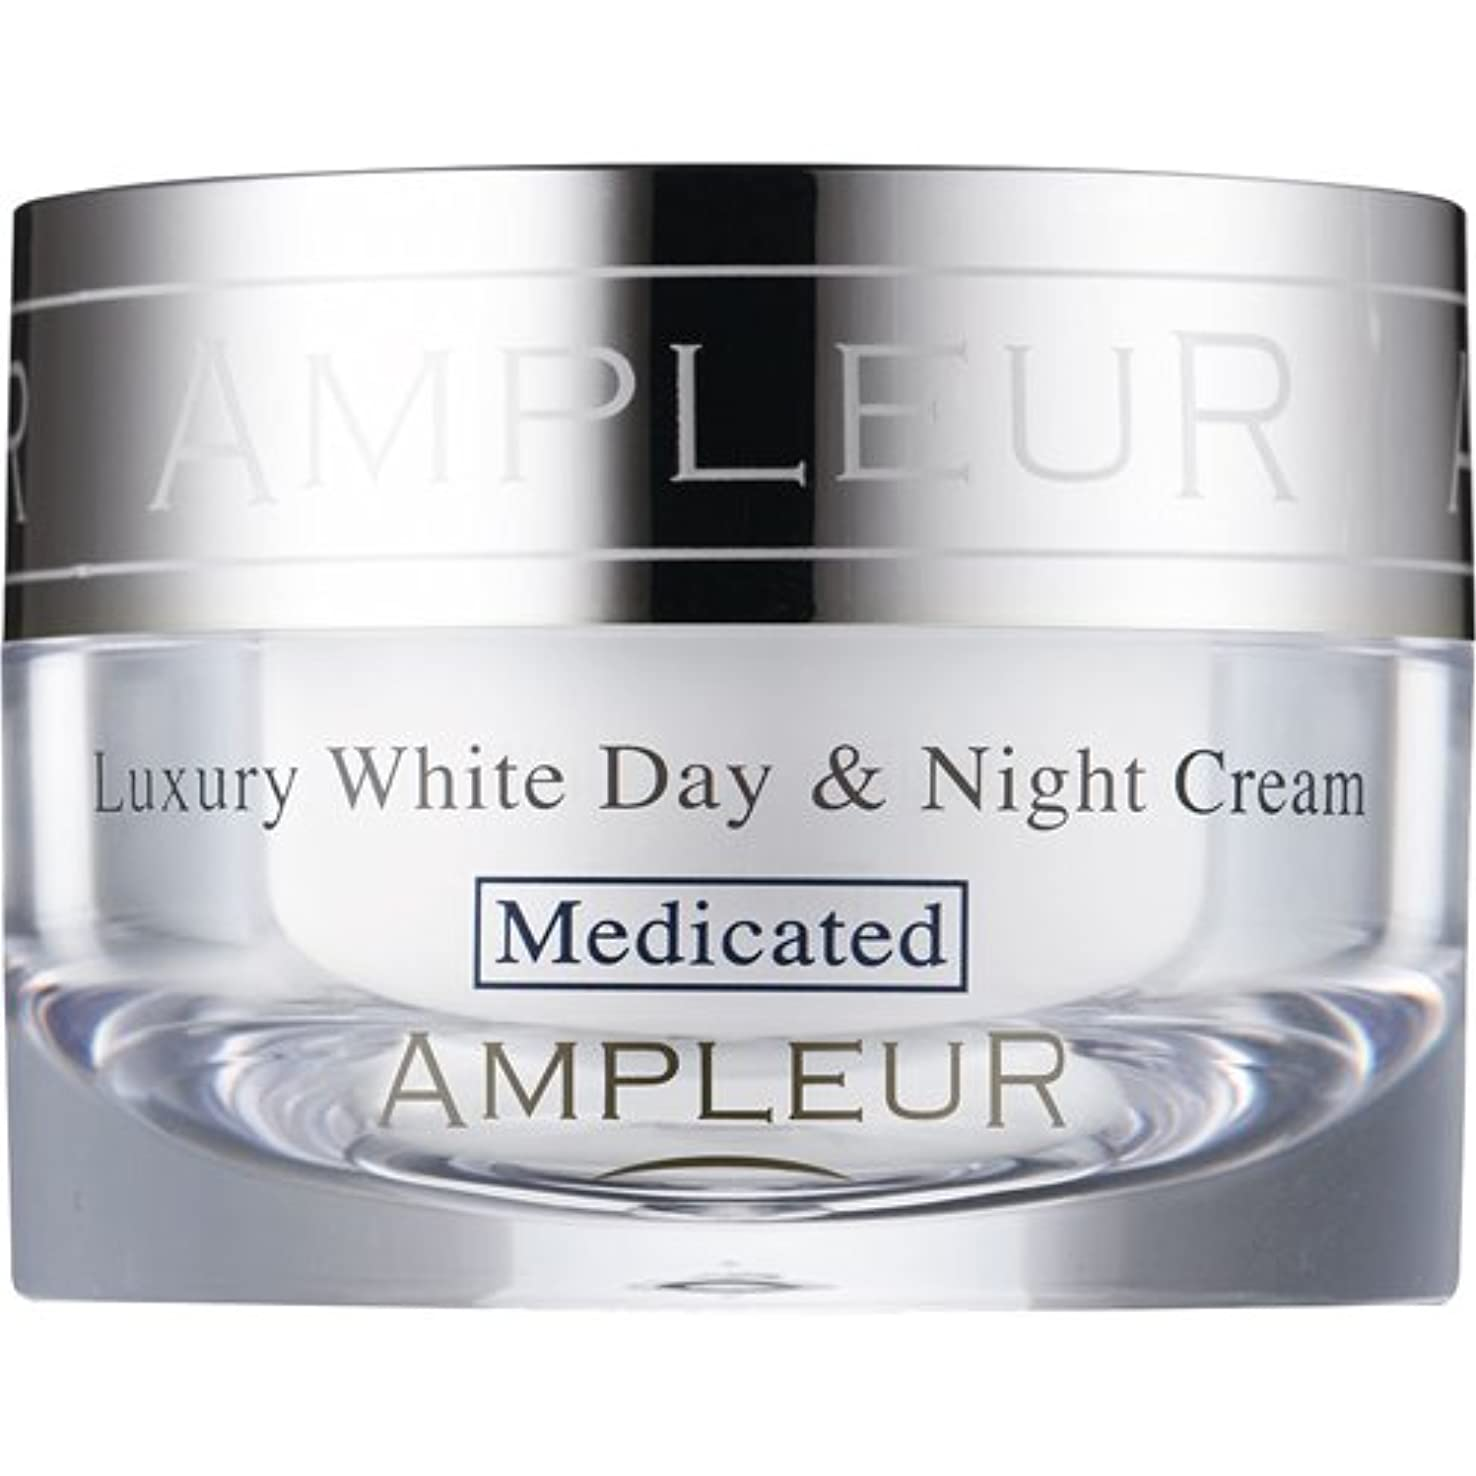 付属品子音オンスAMPLEUR(アンプルール) ラグジュアリーホワイト 薬用デイ&ナイトクリーム 30g